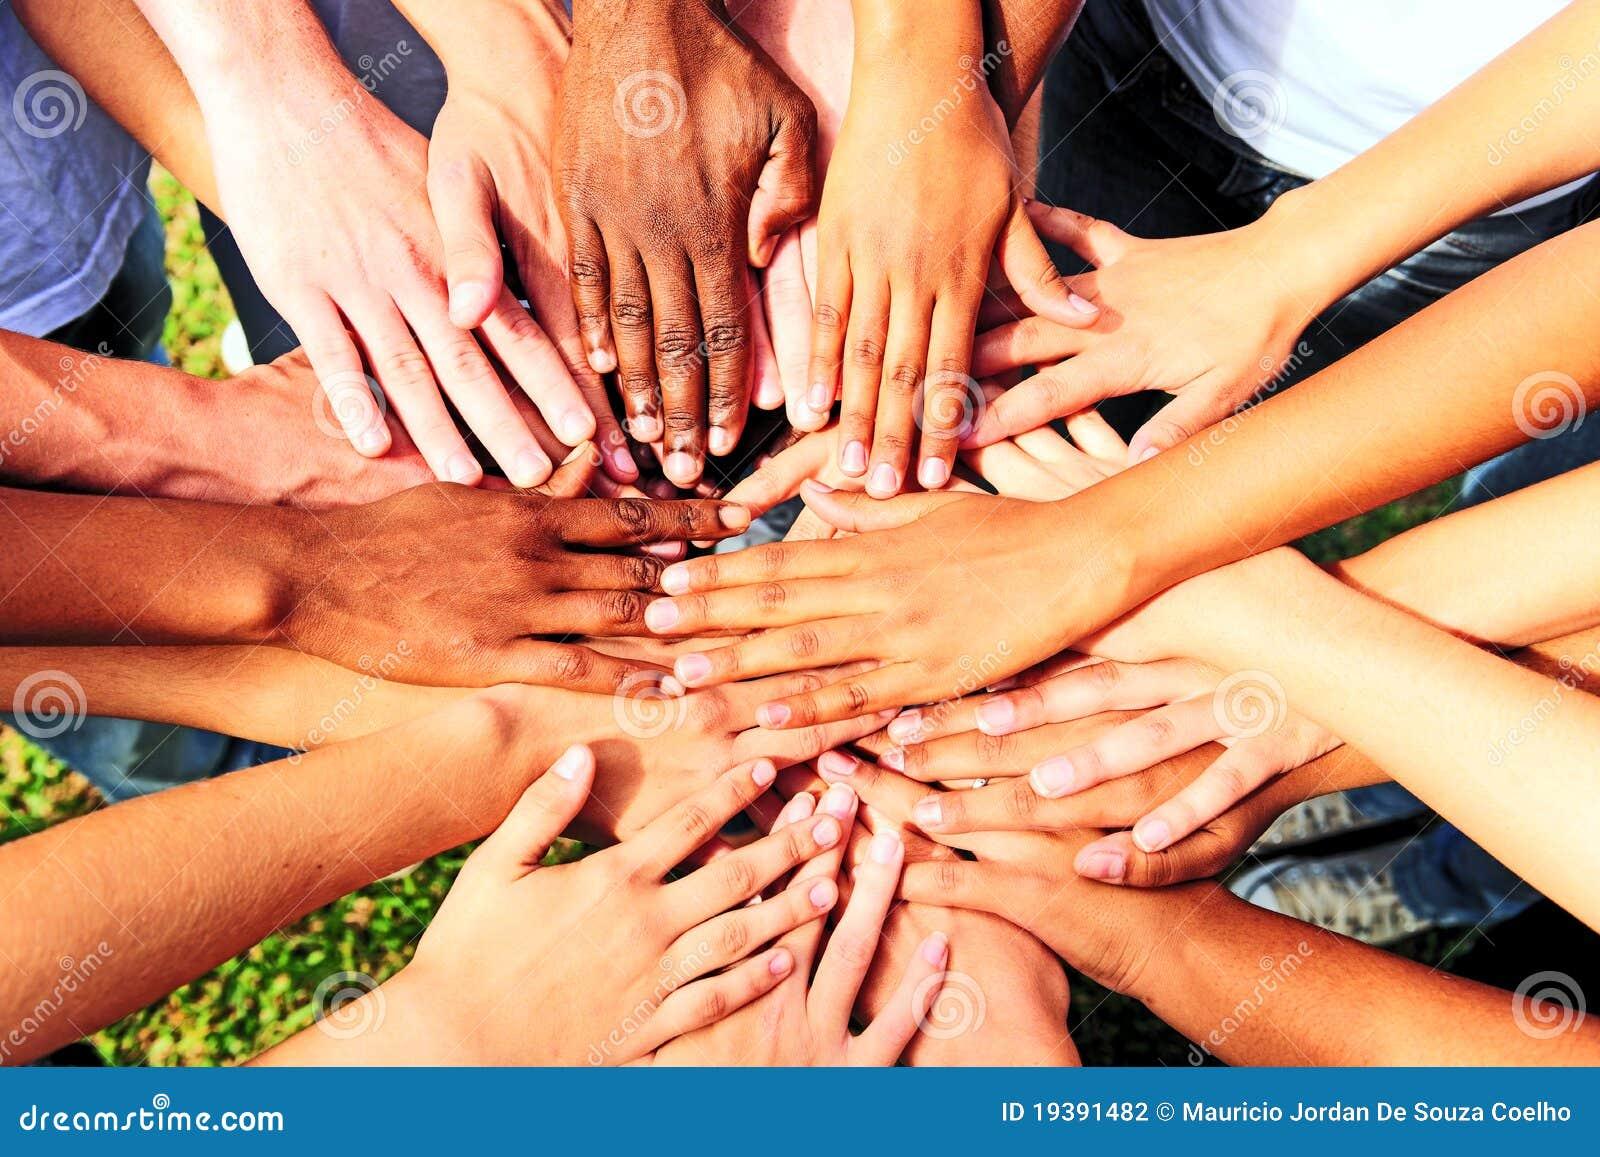 Molte mani insieme: gruppo di persone le mani unentesi